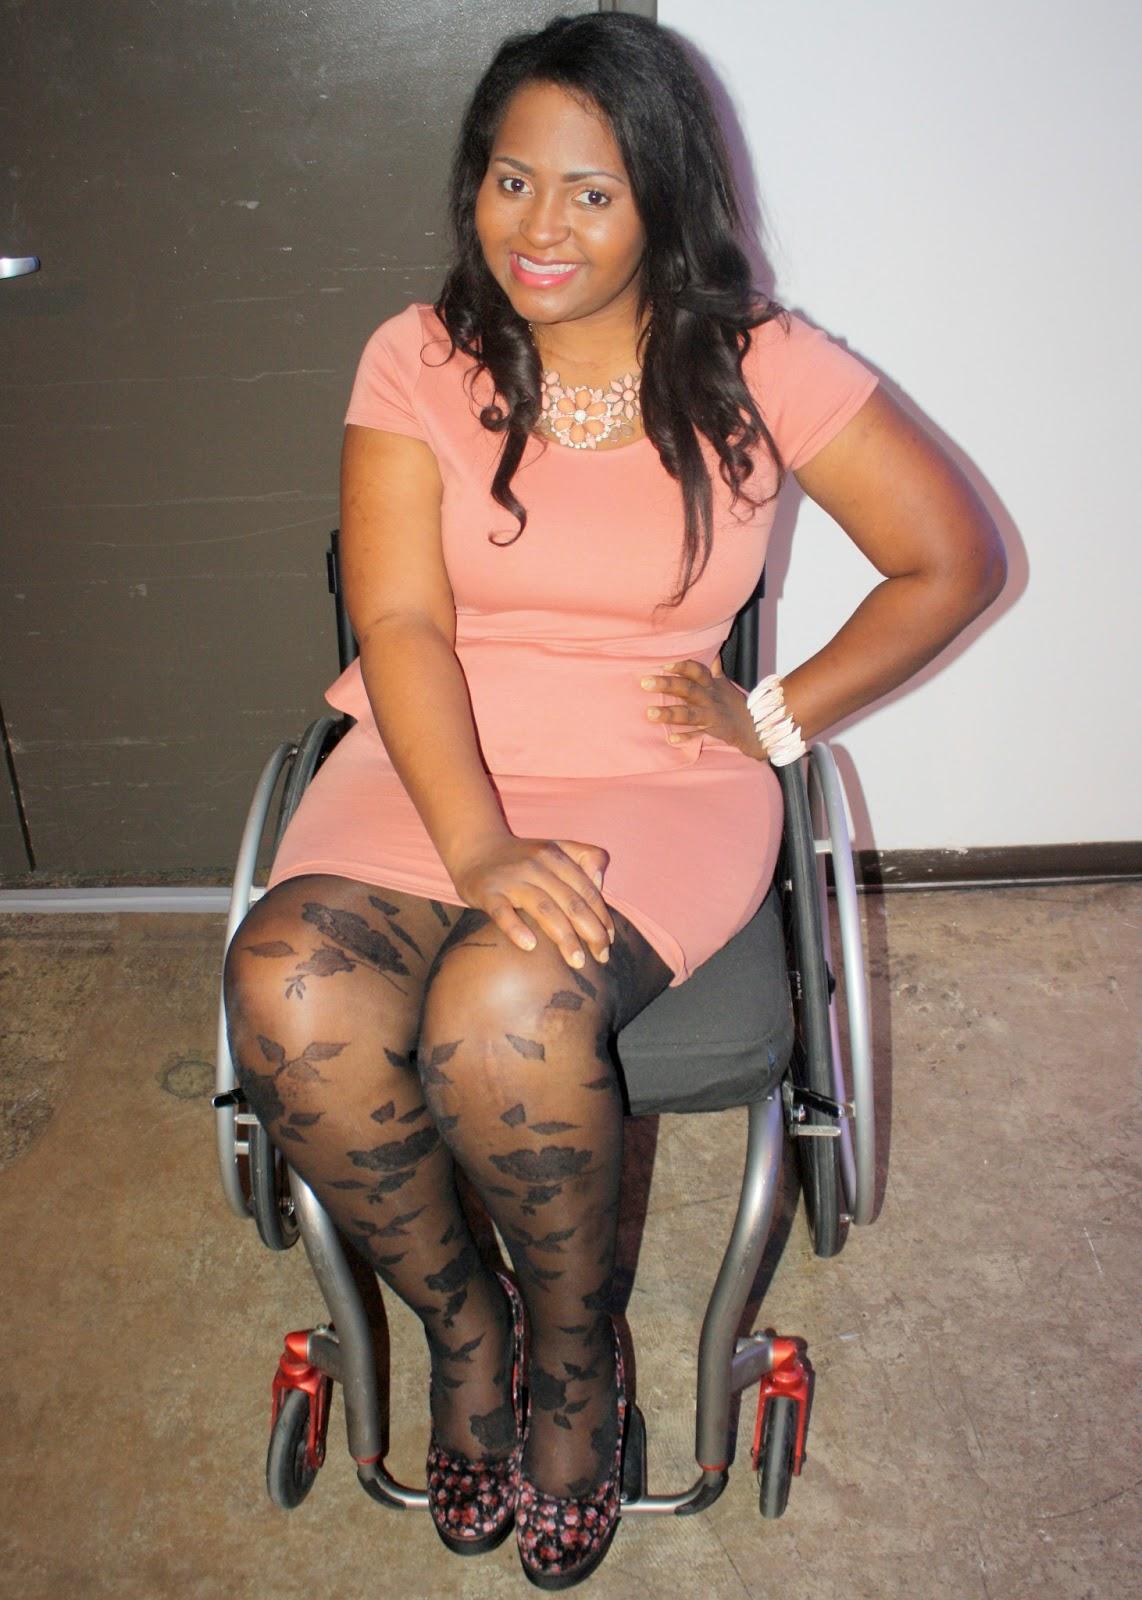 Hot Paraplegic Women-7473